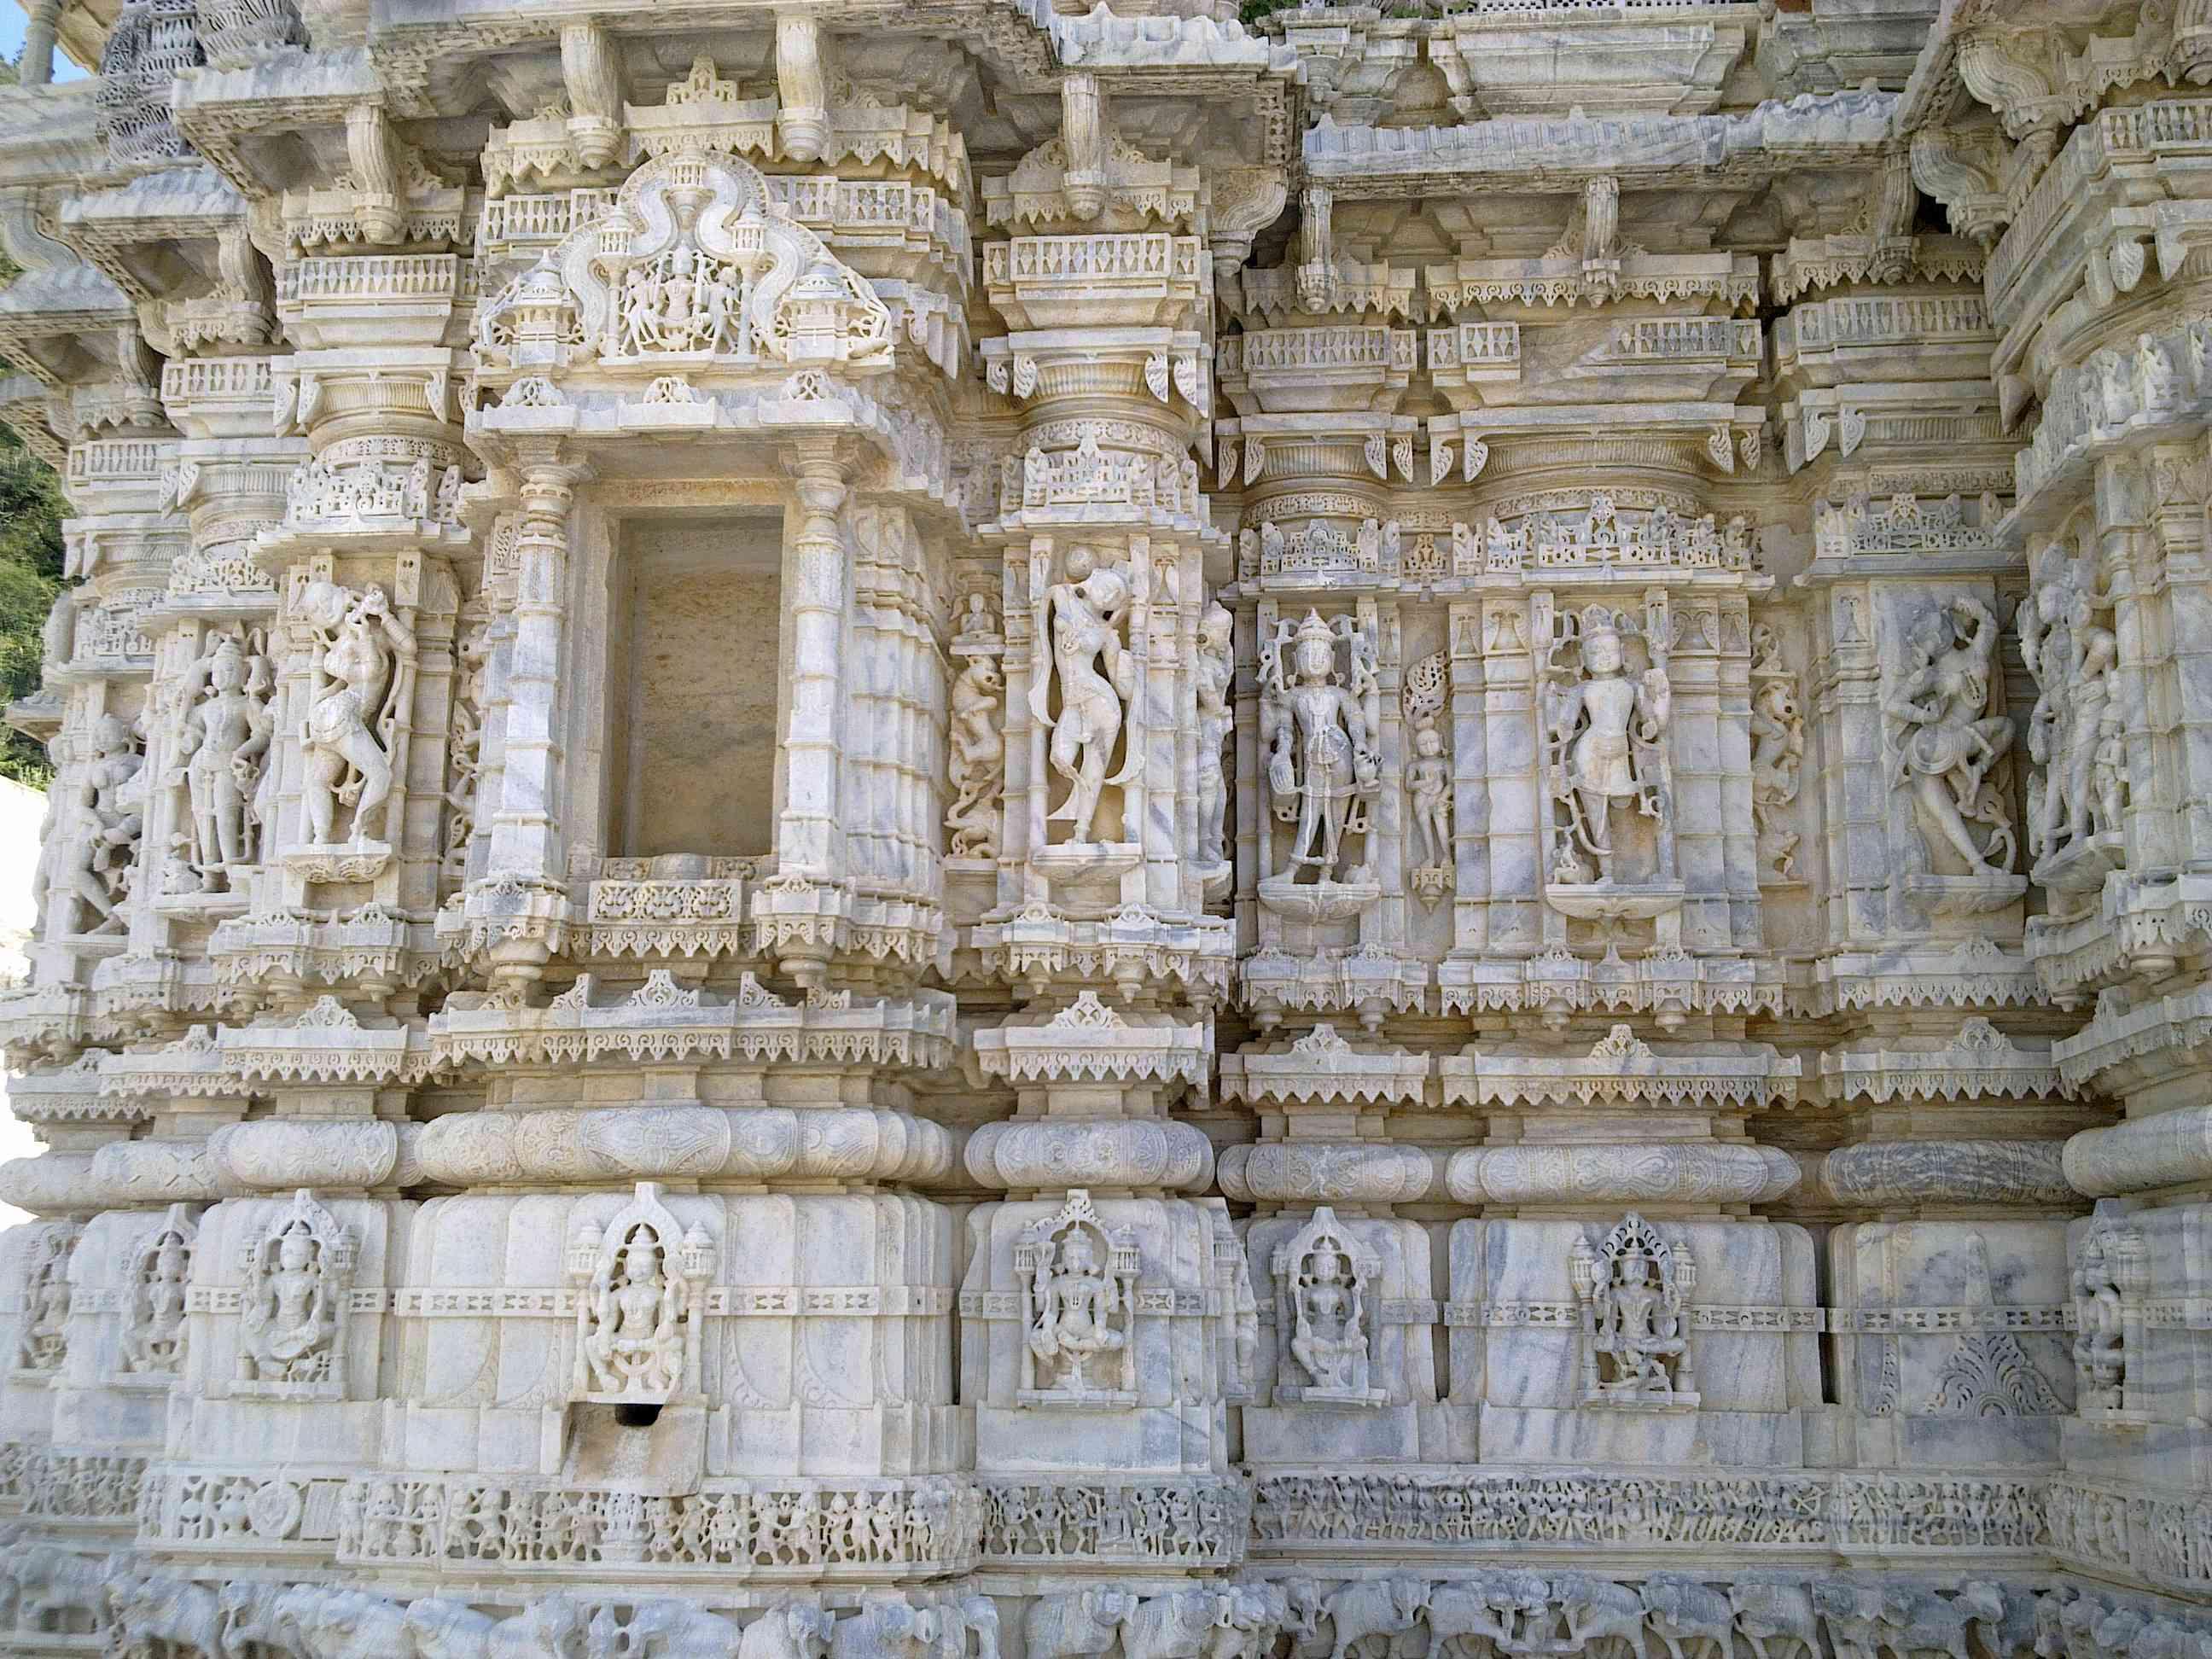 Jain temples of Rajasthan